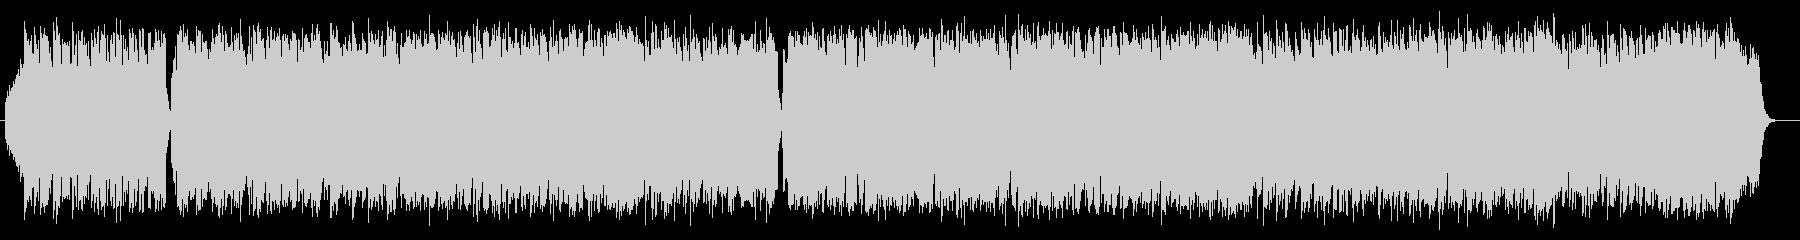 素直で伸びやかなワルツ・ソングの未再生の波形